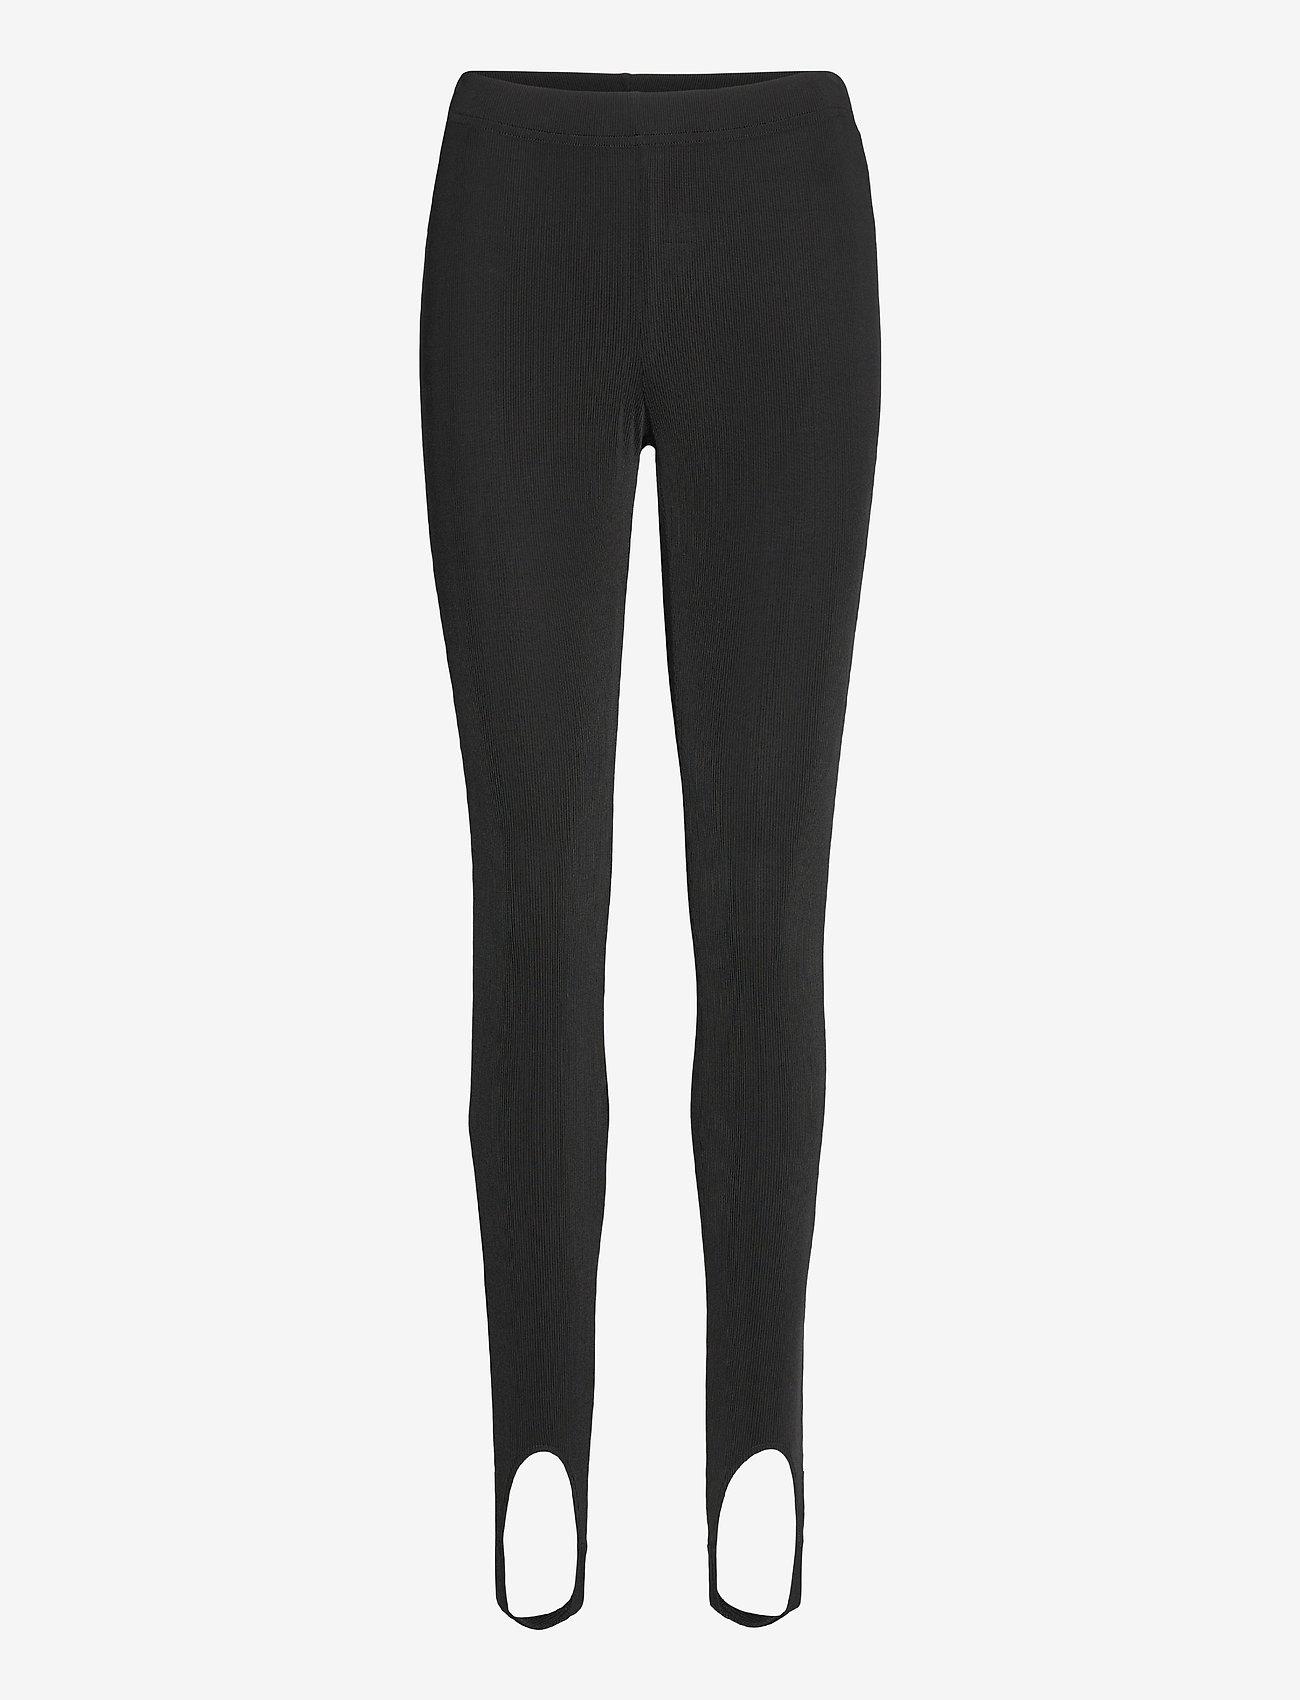 Birgitte Herskind - Ringo Leggings - leggings - black - 1